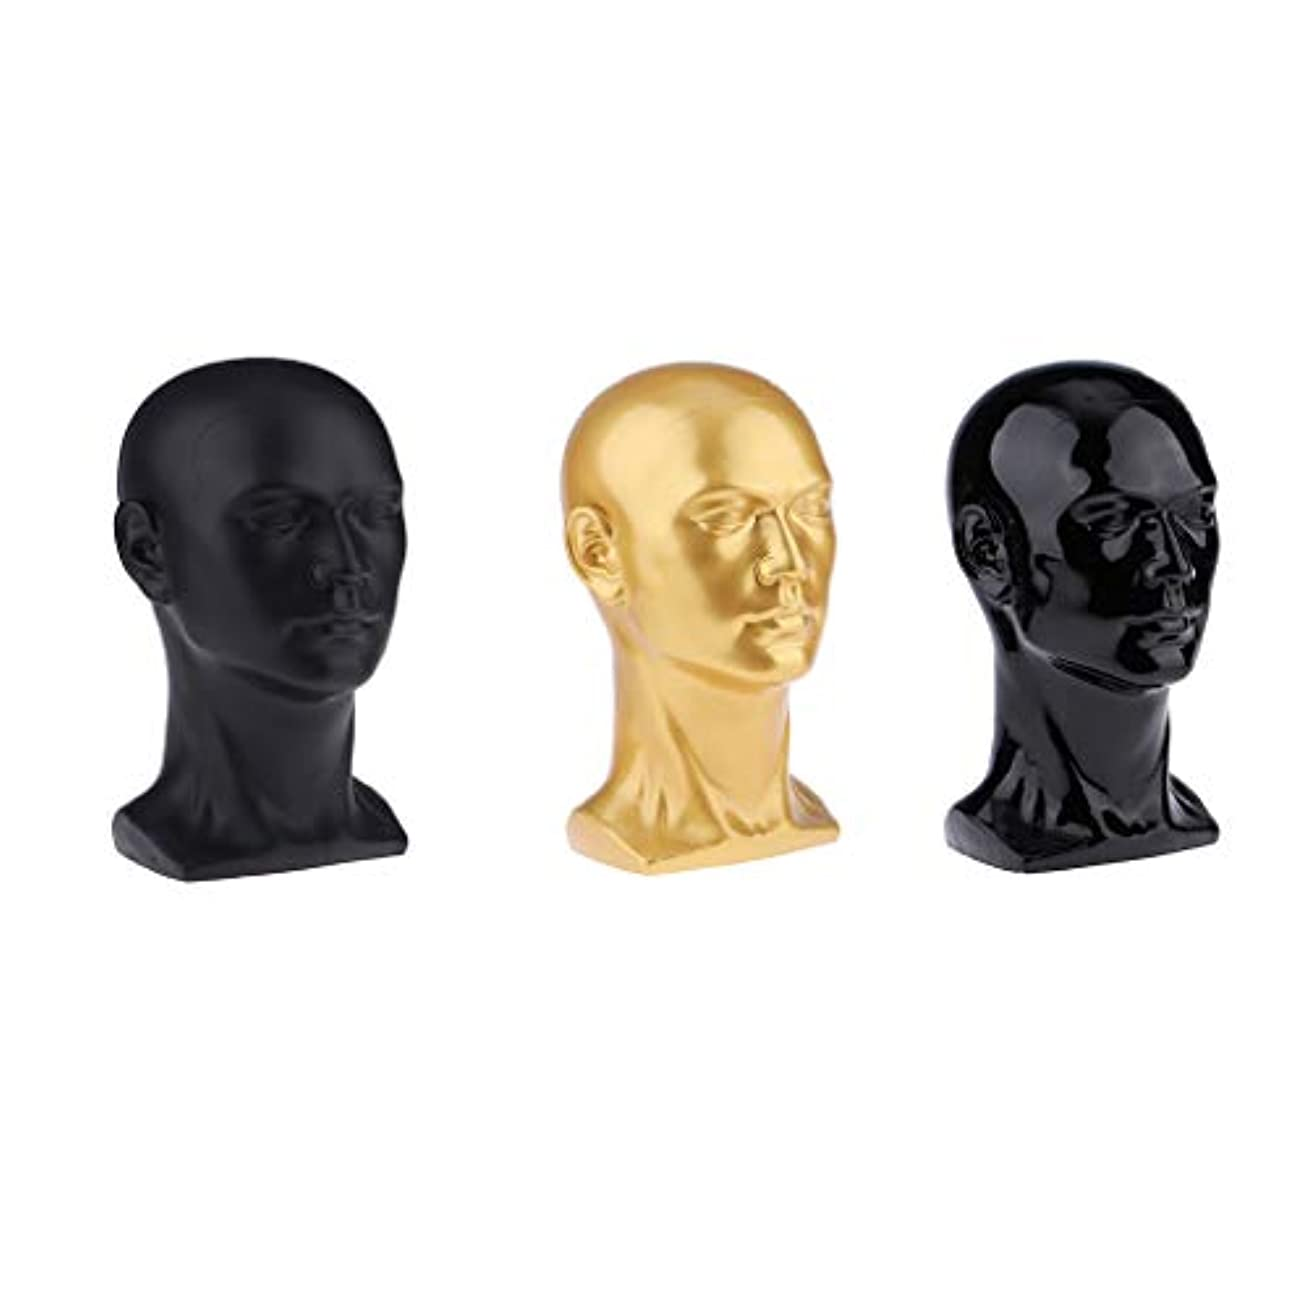 退却怖がって死ぬ睡眠CUTICATE 男性ヘッドモデル プラスチック メガネ ヘッド かつらディスプレイ スタンド ホルダー 装飾